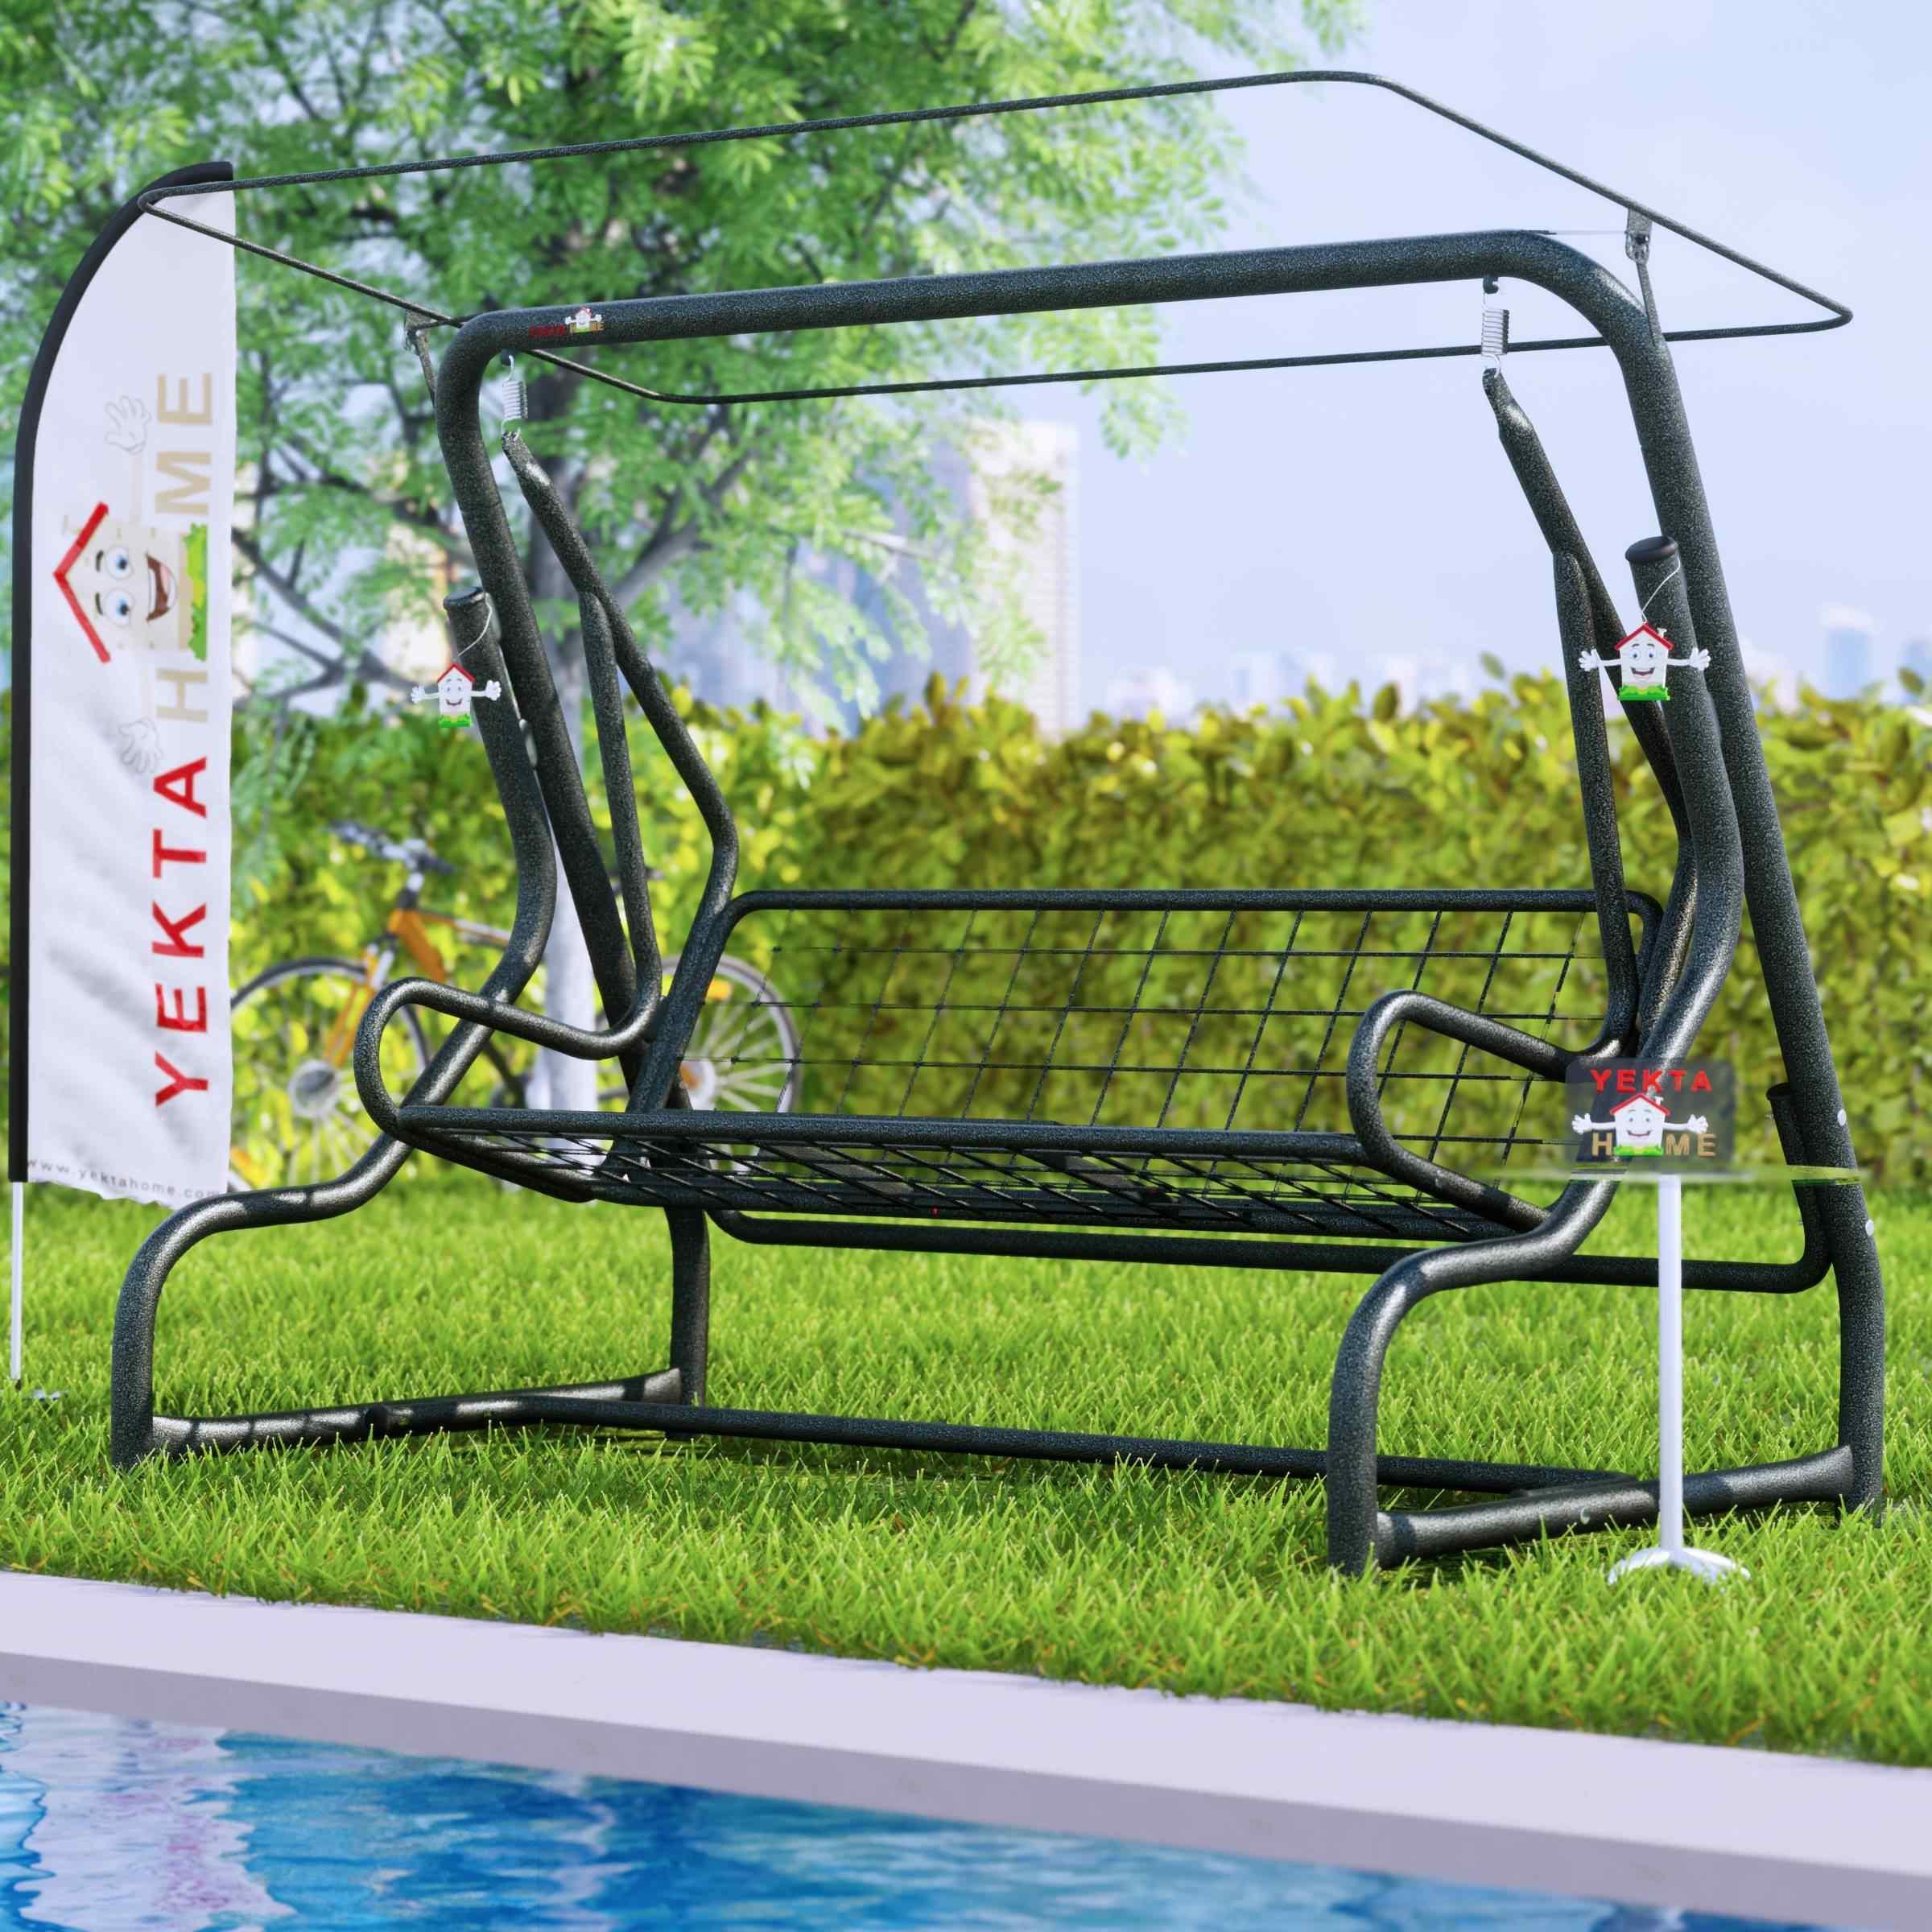 Yekta Çandarlı 3 Kişilik Bahçe Salıncağı Balkon Teras Salıncak 200 cm